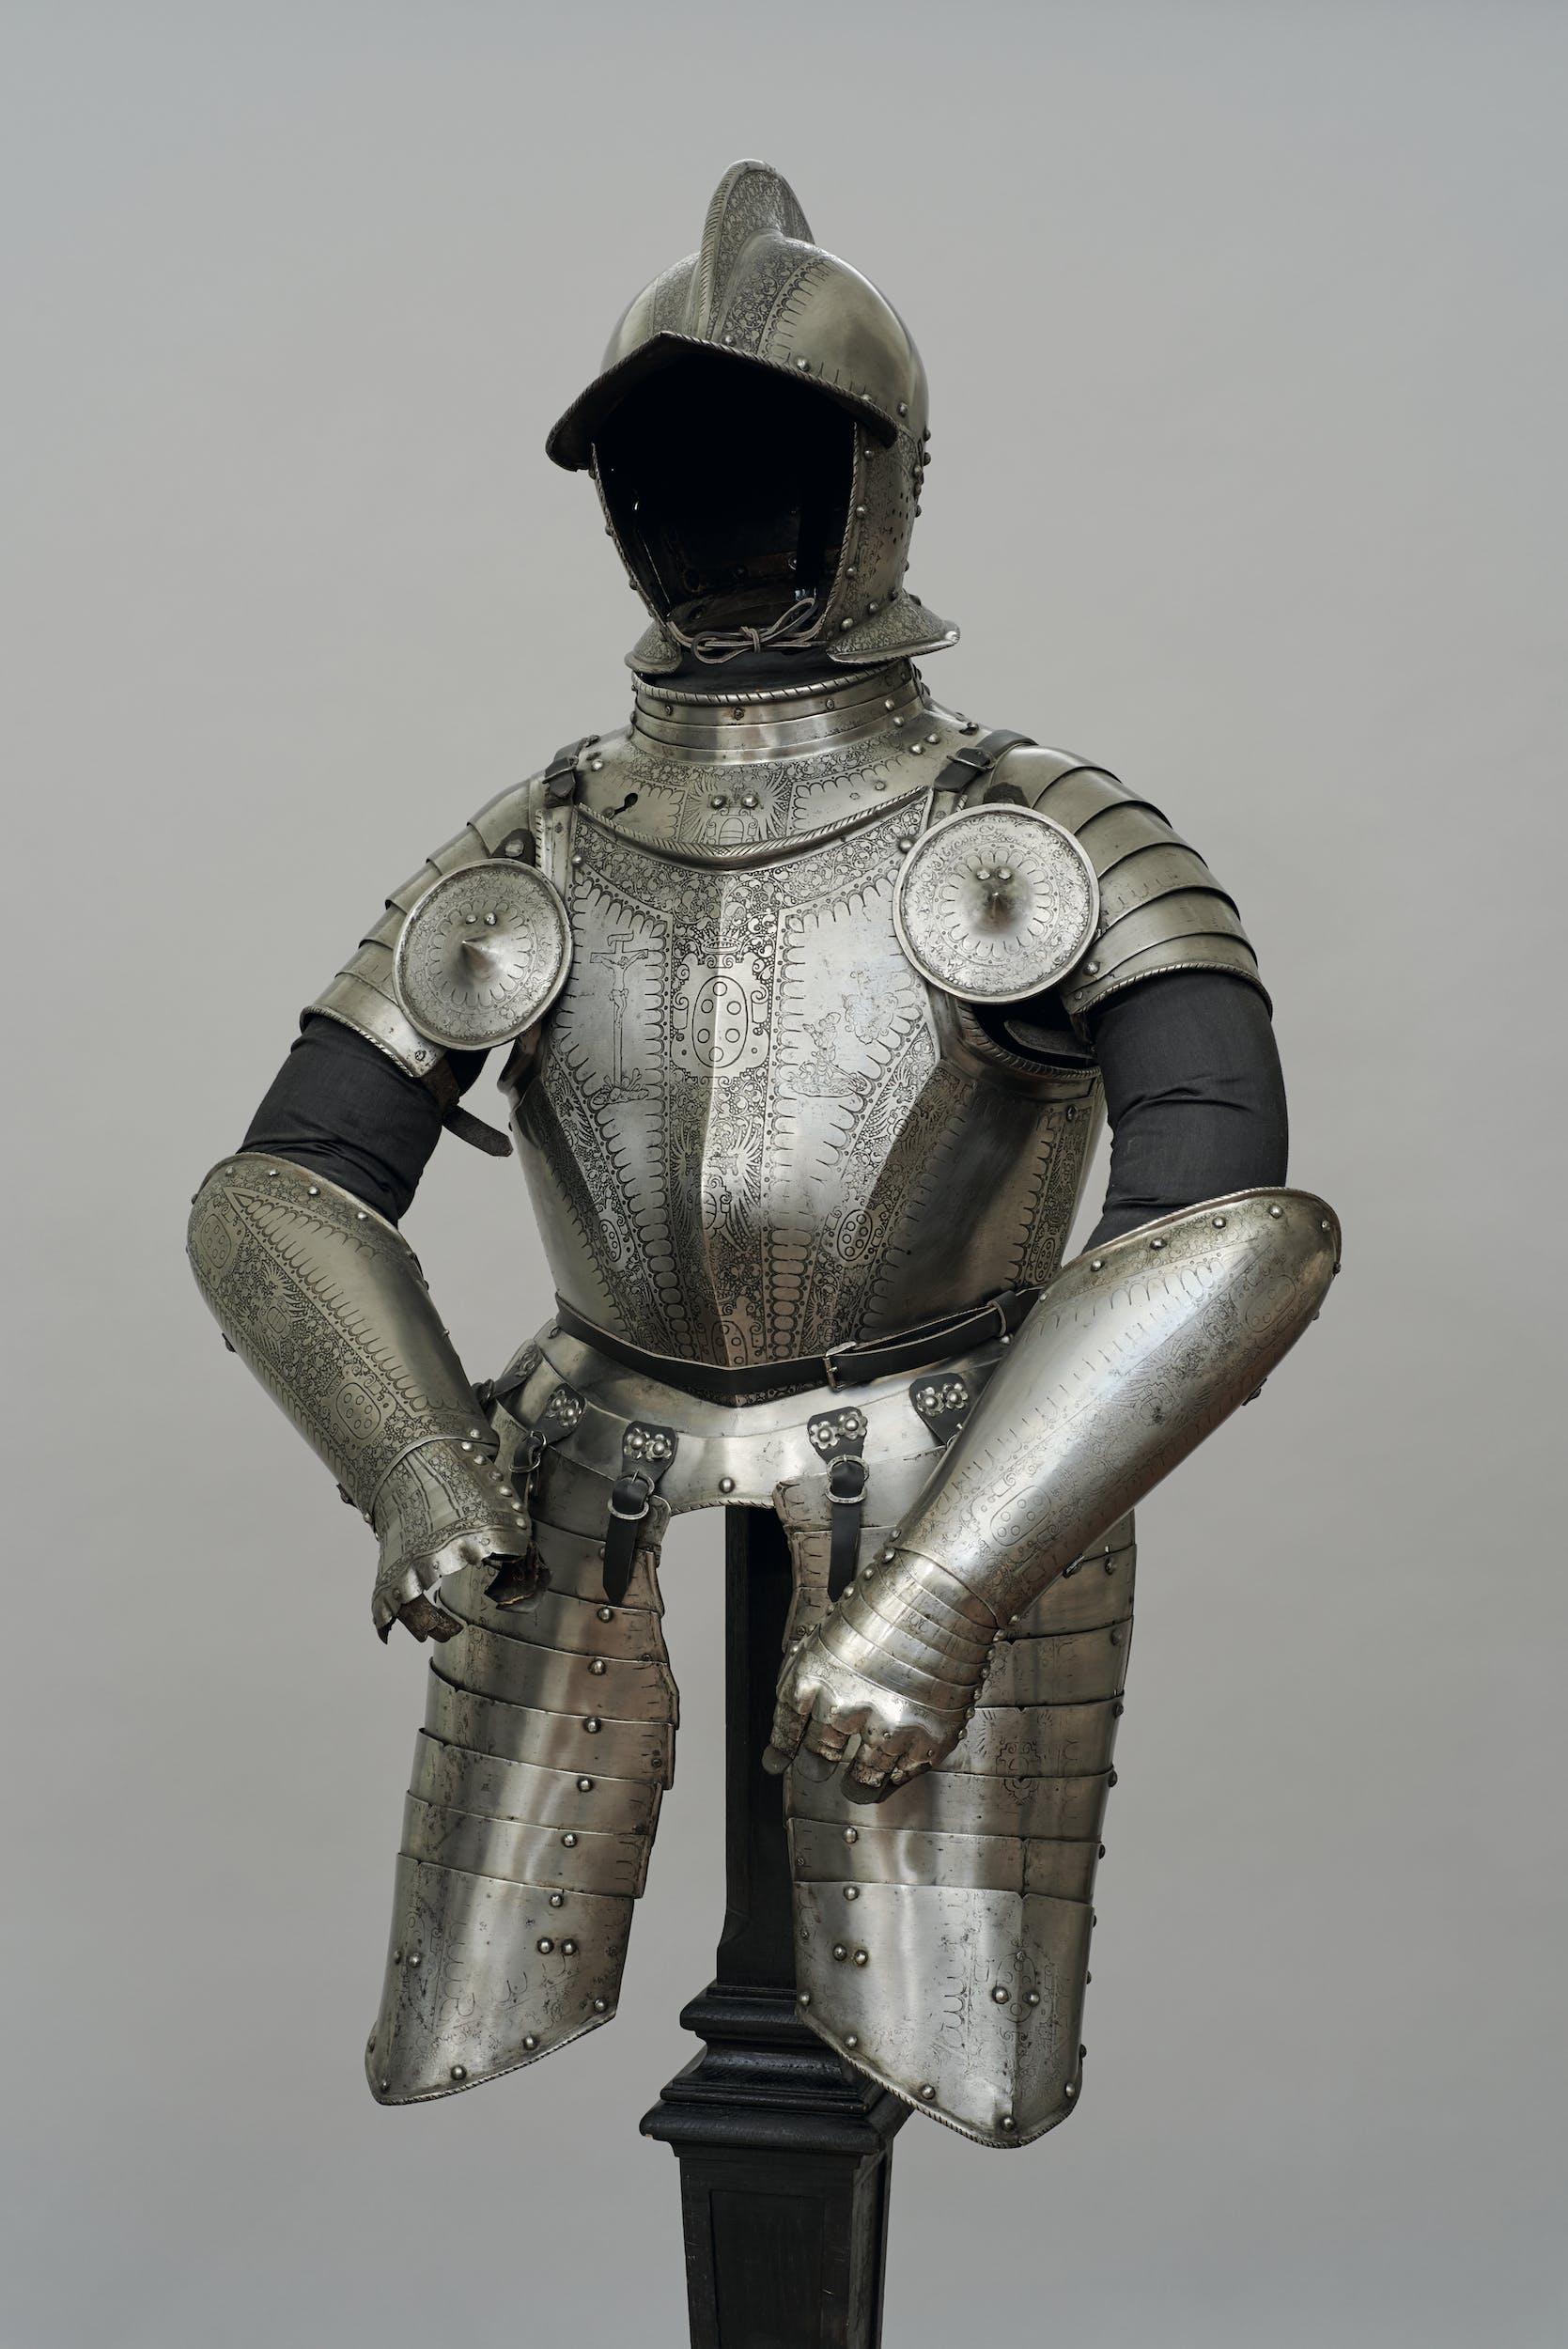 Norimberga (?) Corsaletto da piede (Corsaletto appartenuto a Johann Fernberger von Aur, comandante della Guardia alemanna) 1580 ca. acciaio Kunsthistorisches Museum, Vienna